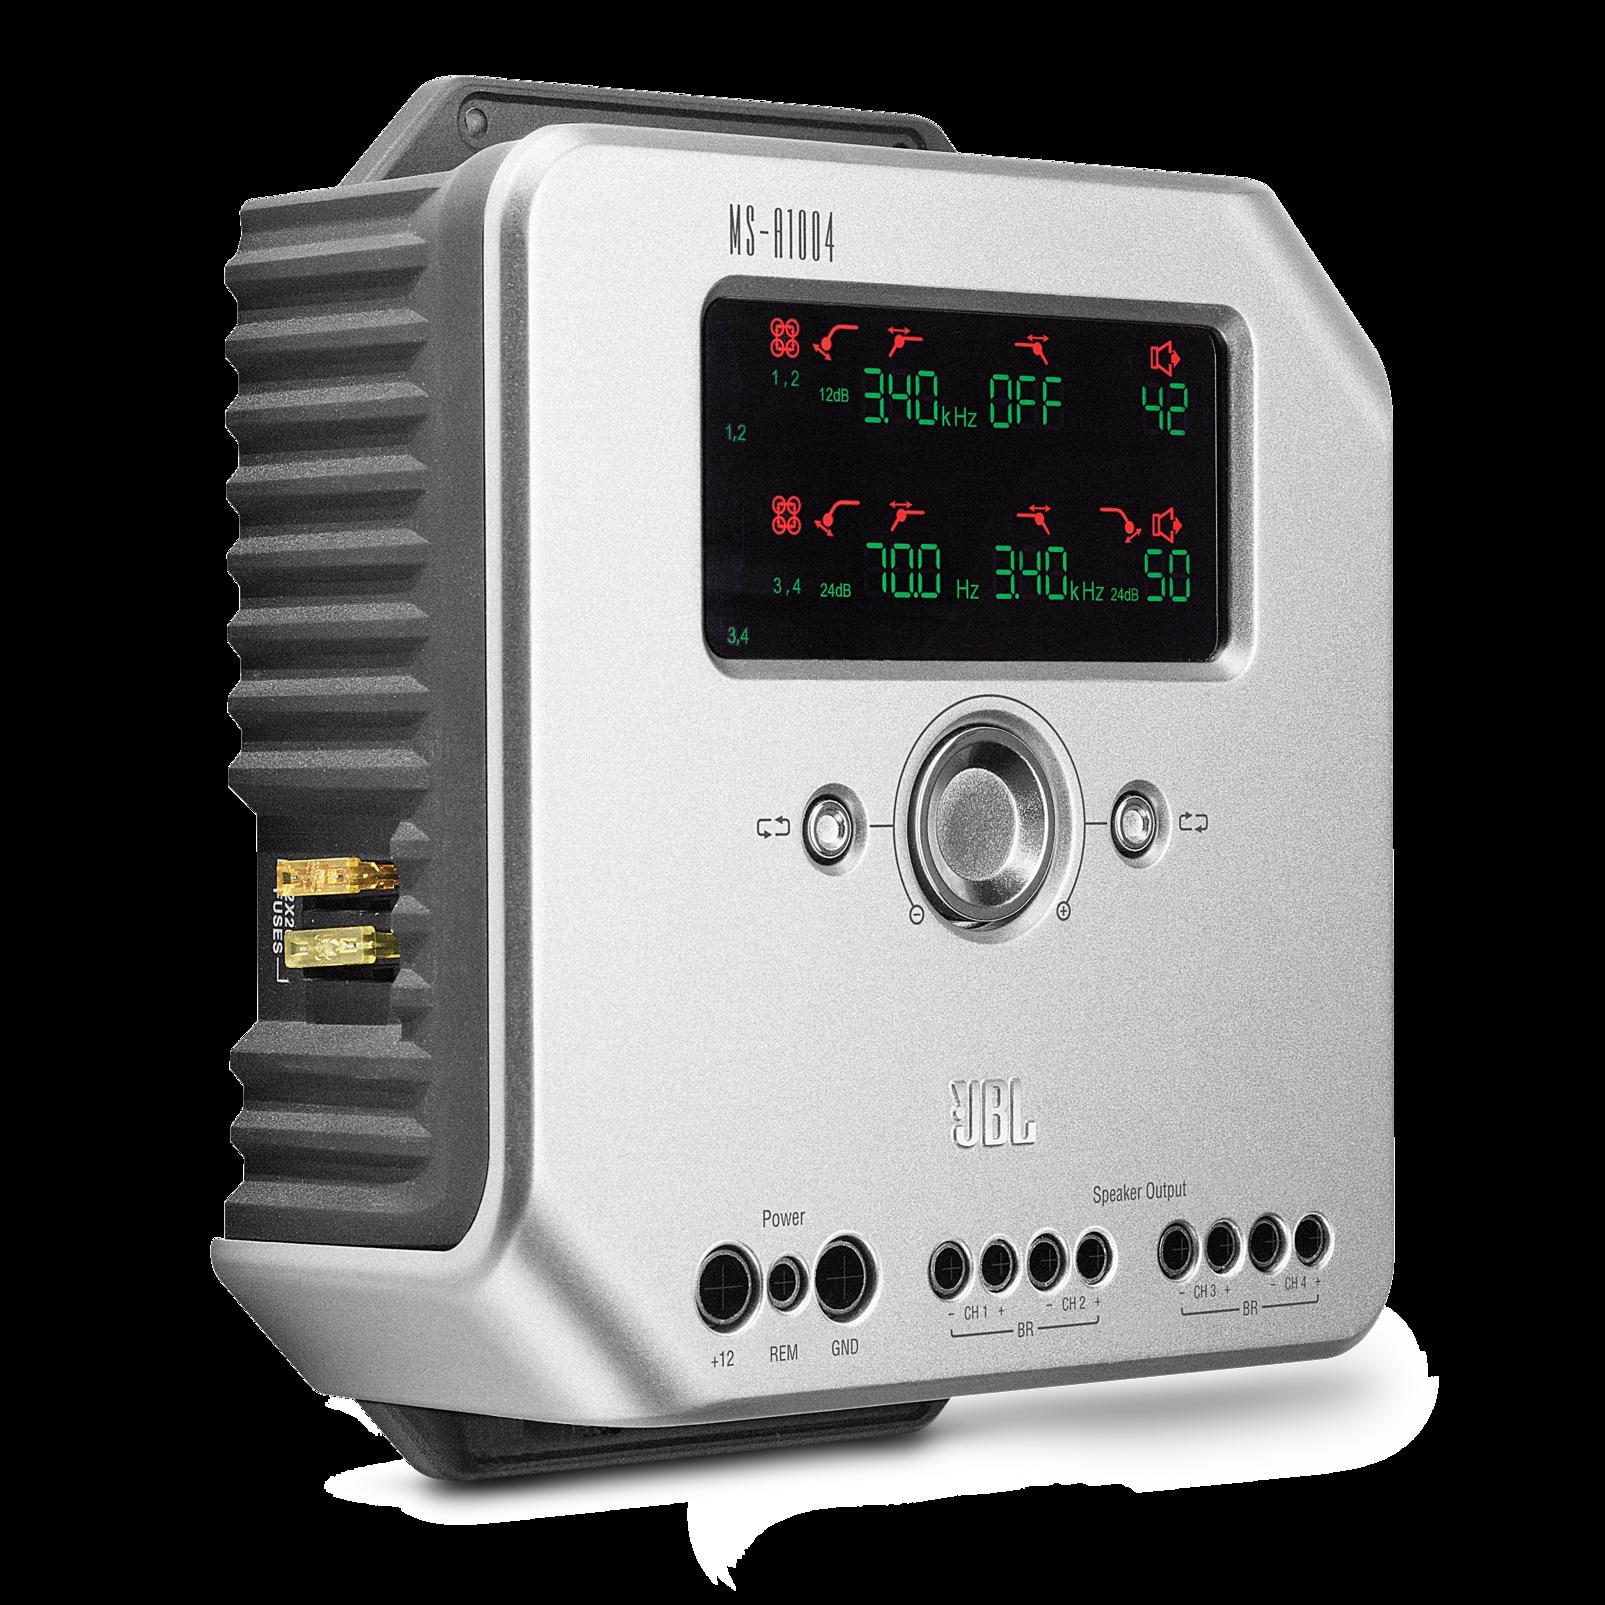 MS-A1004